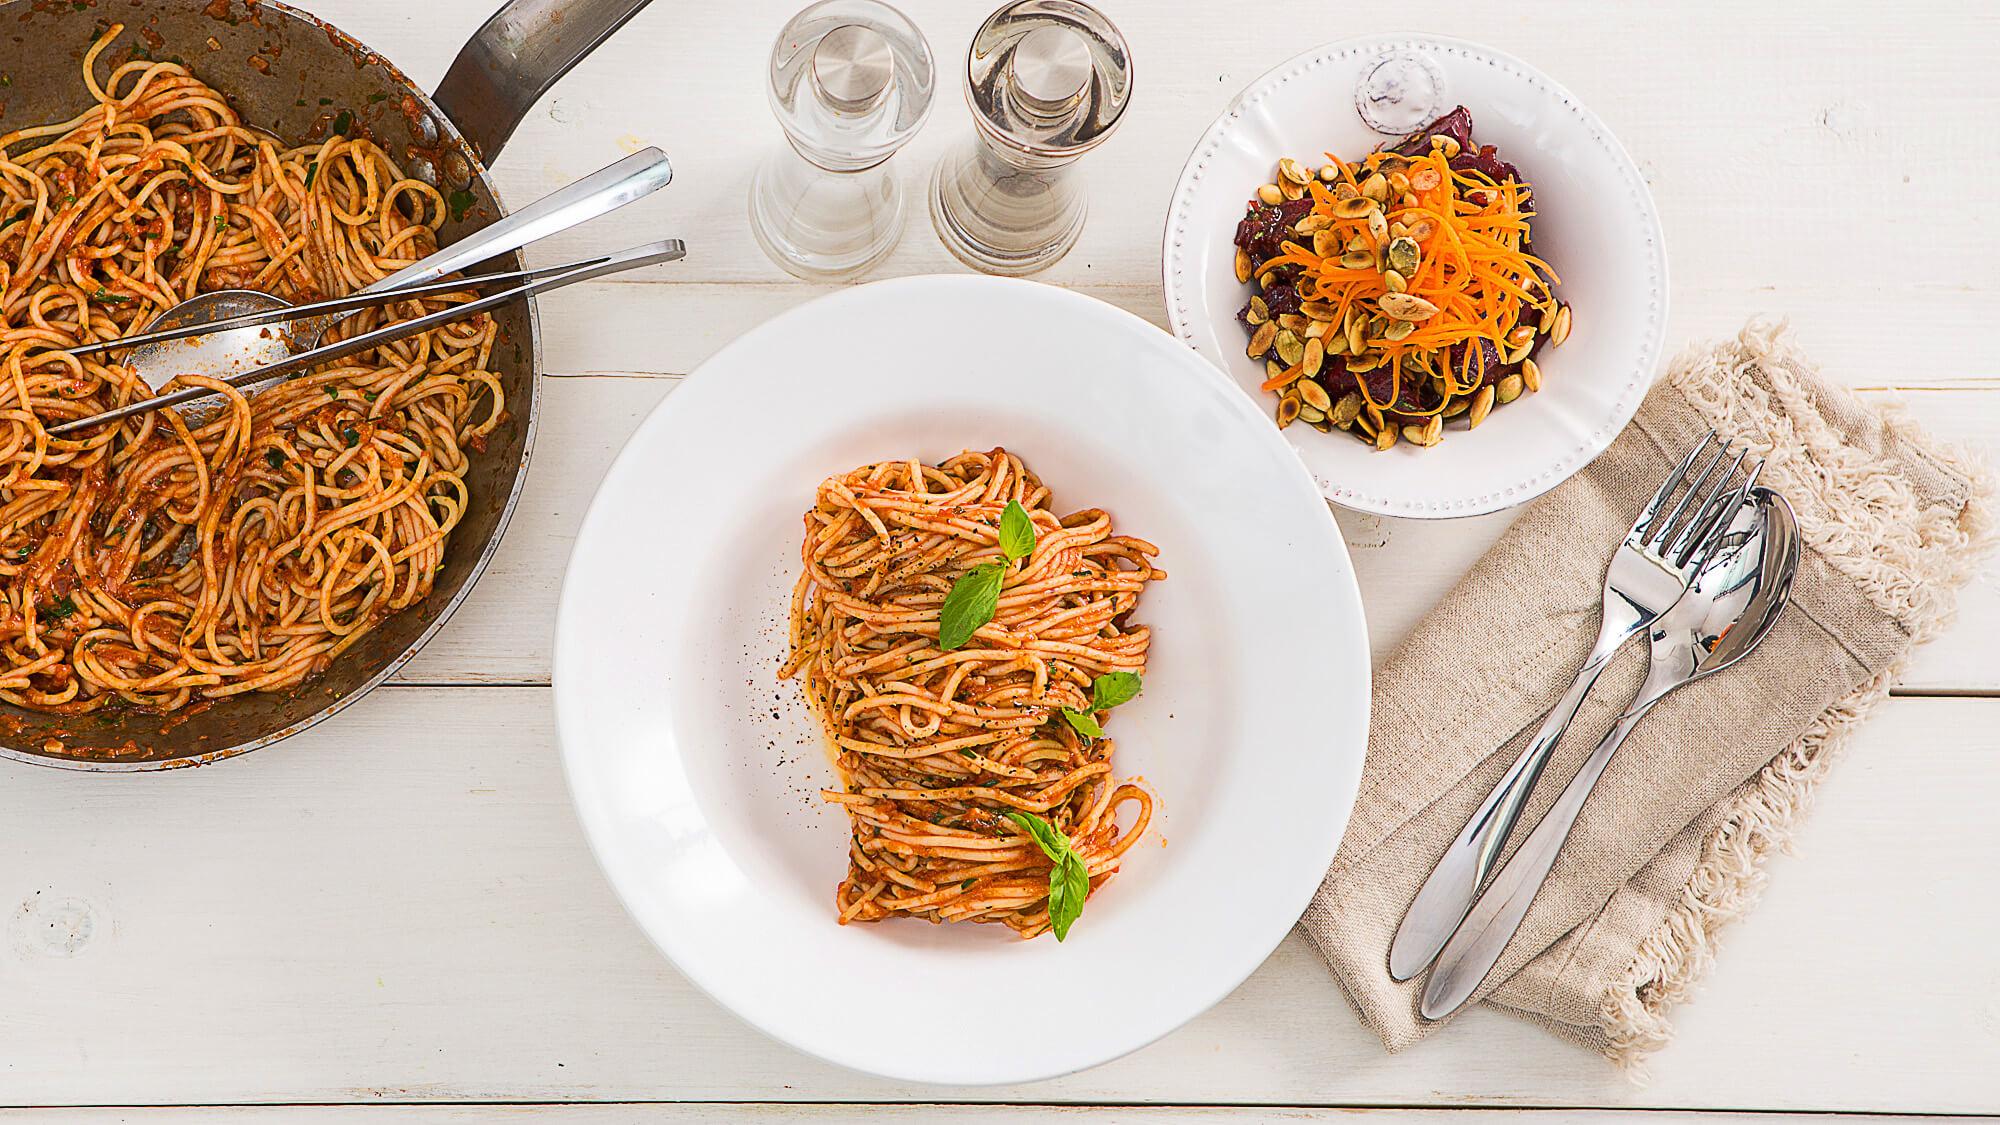 Паста маринара  с салатом из свеклы по-итальянски